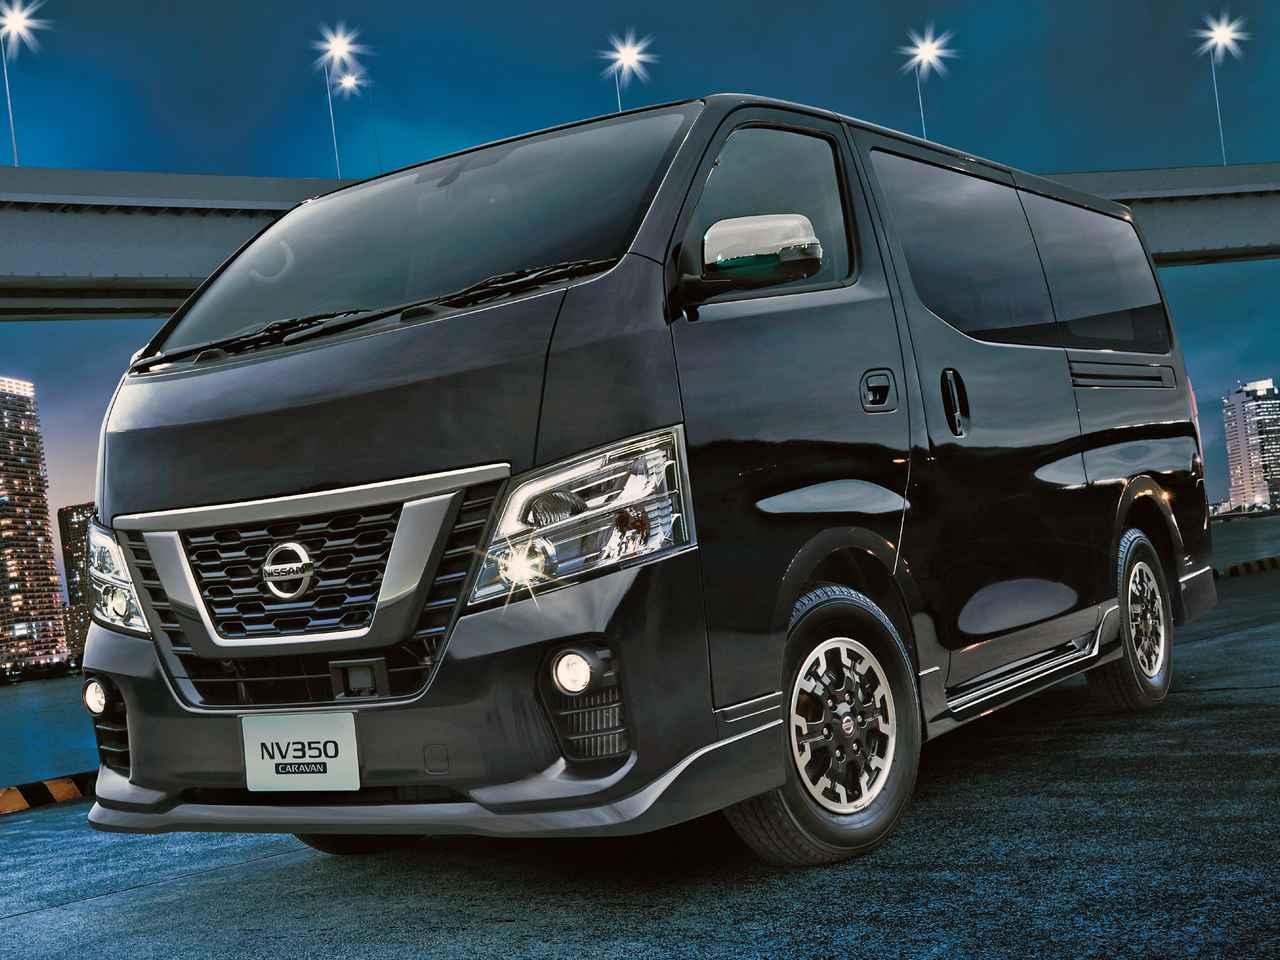 日産 NV350キャラバンの特別仕様車「プレミアム GX アーバンクロム」を発売